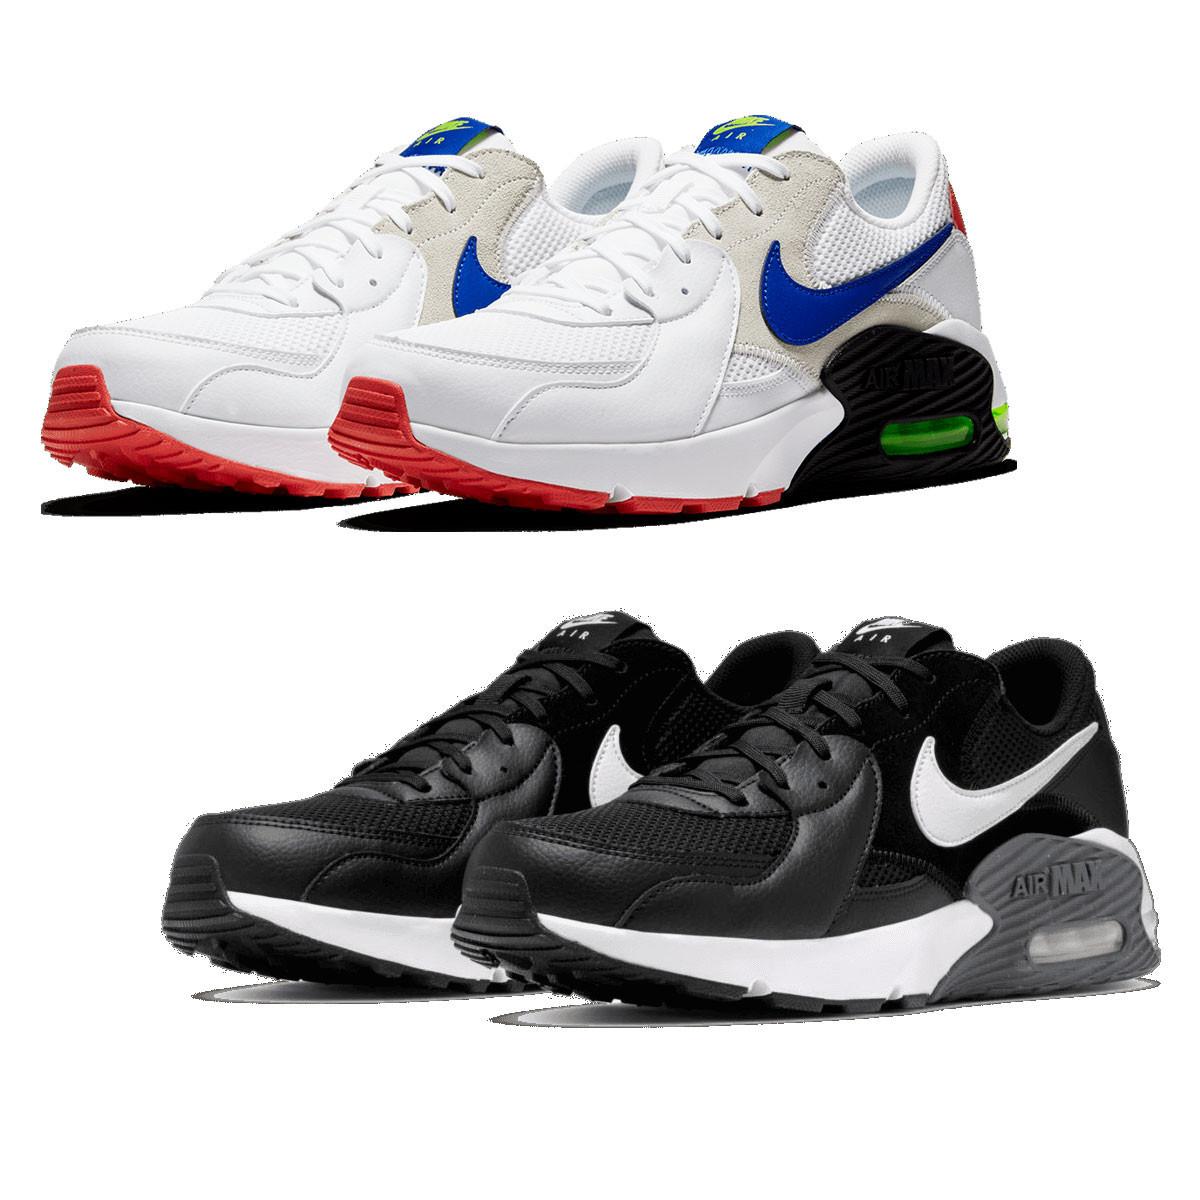 Nike Sneaker Air Max Excee in 2 Colorways (Gr. 40-47)